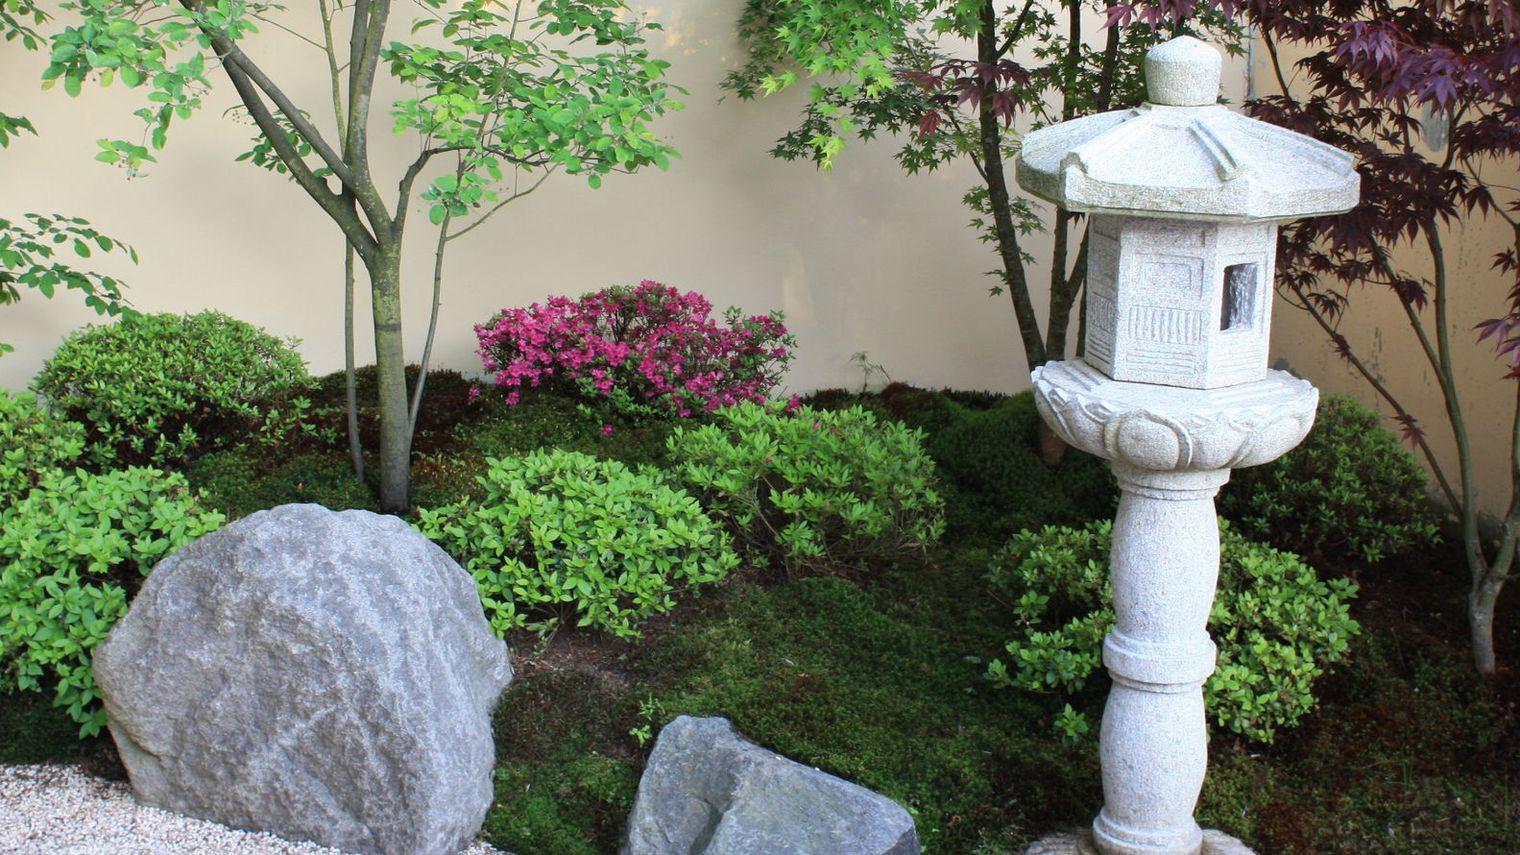 Jardin Japonais : Les Plantes Et Arbres Pour Un Jardin Zen ... serapportantà Plantes Pour Jardin Japonais